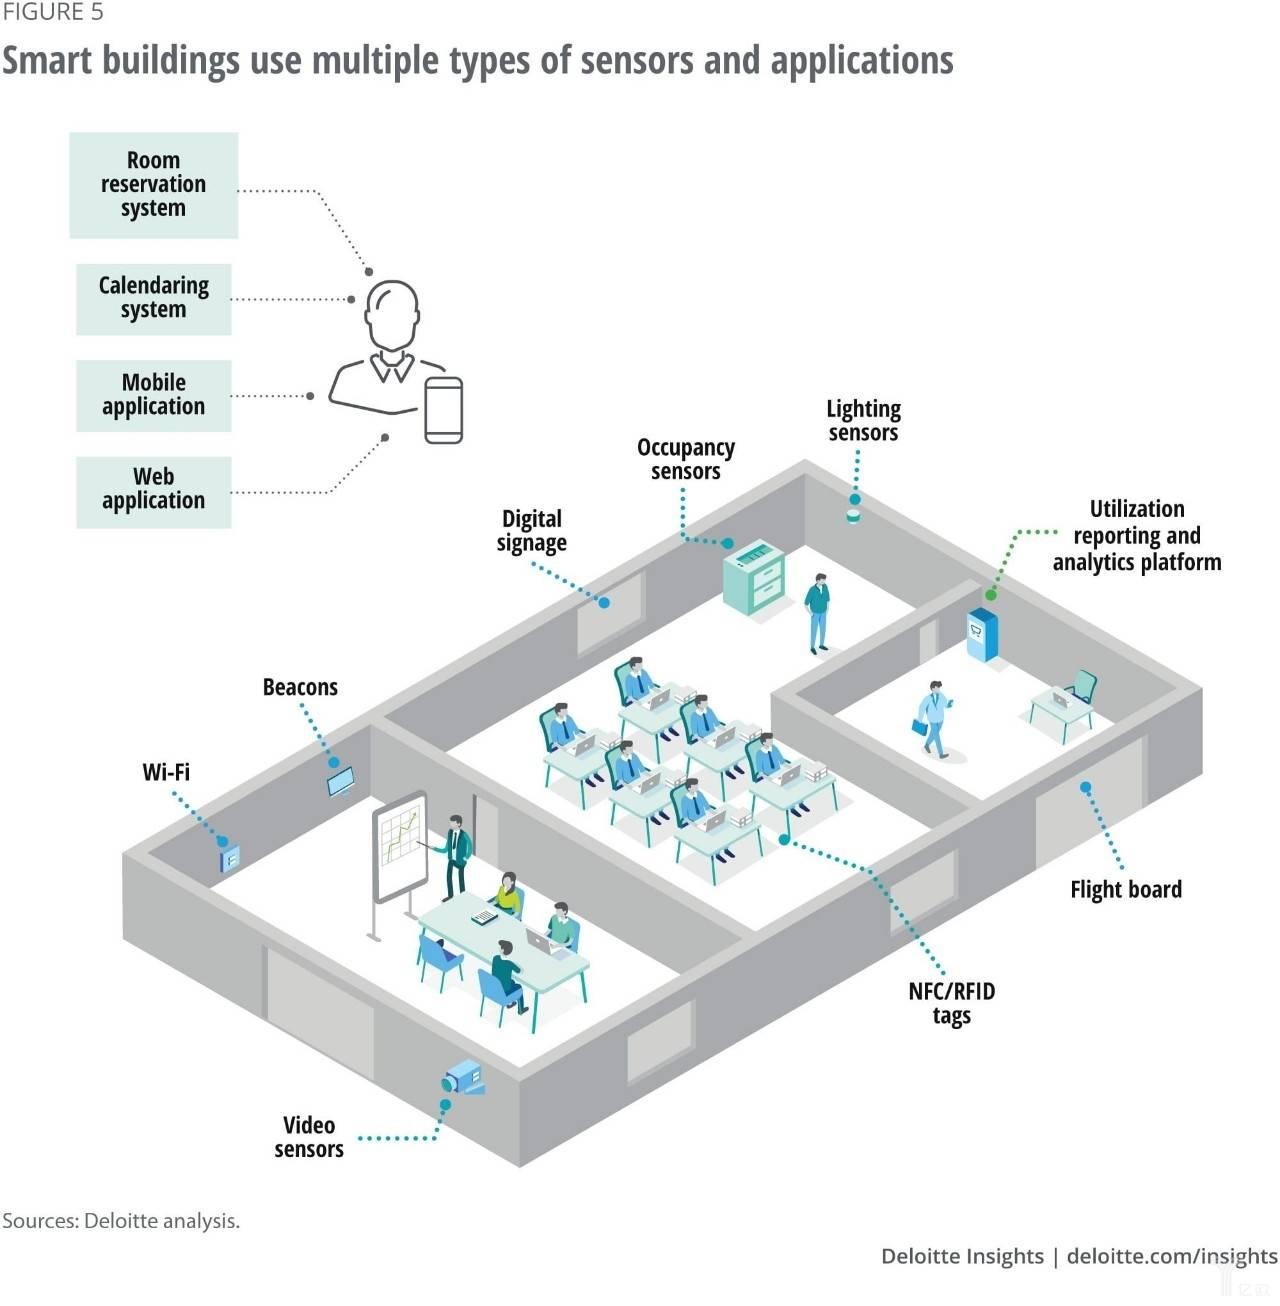 图5 在智能建筑中使用的不同类型的物联网设备